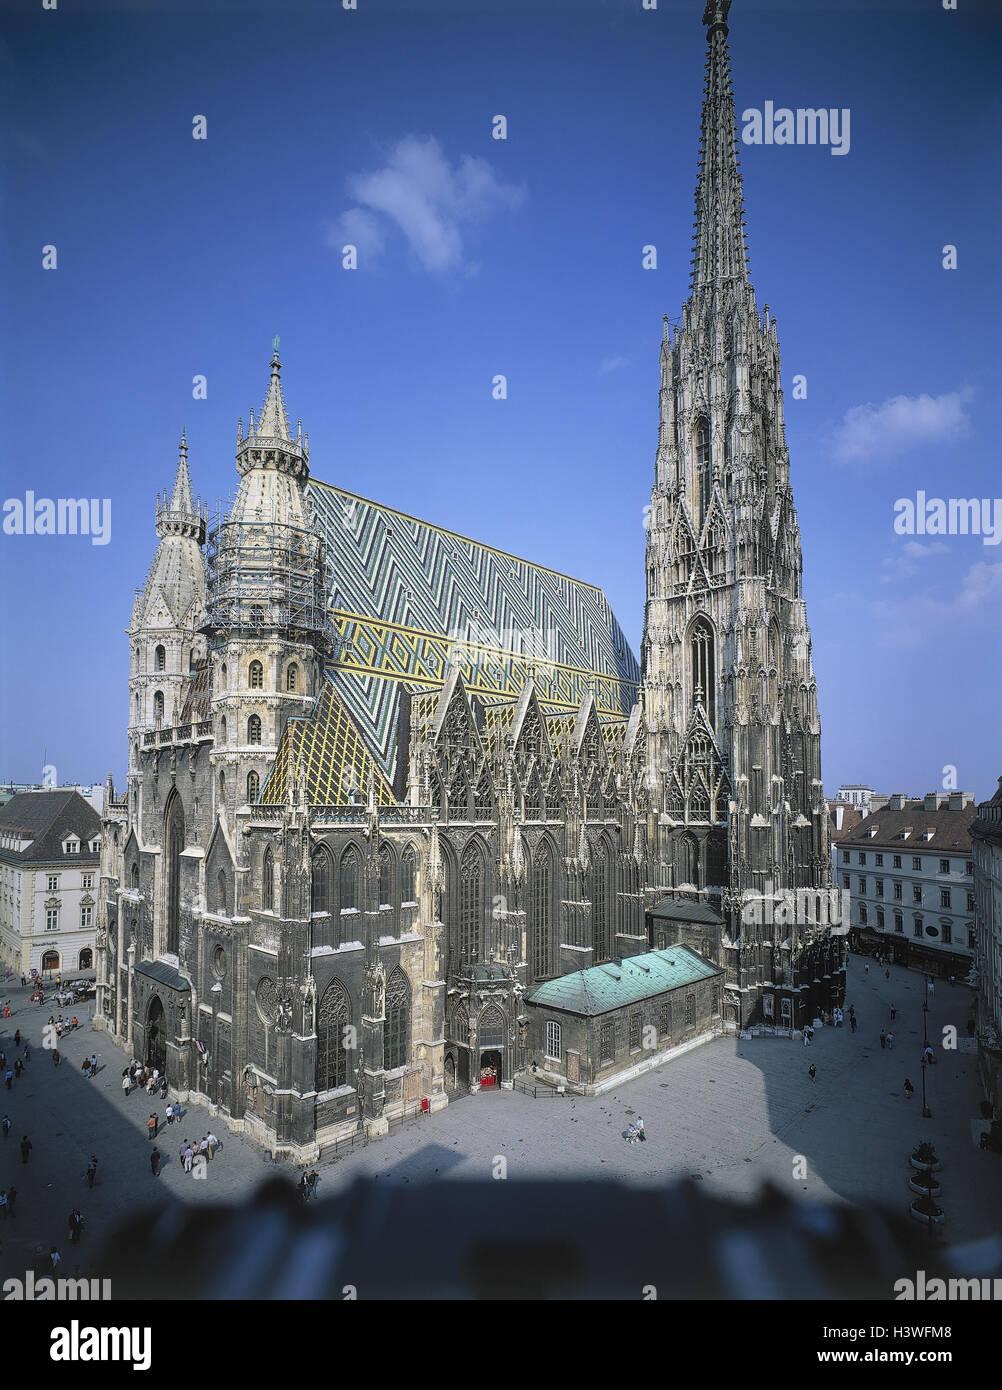 Österreich, Wien, Stephansdom, Europa, Bundeshauptstadt, Hauptstadt, Kathedrale, Kirche, Struktur, Architektur, Stockbild